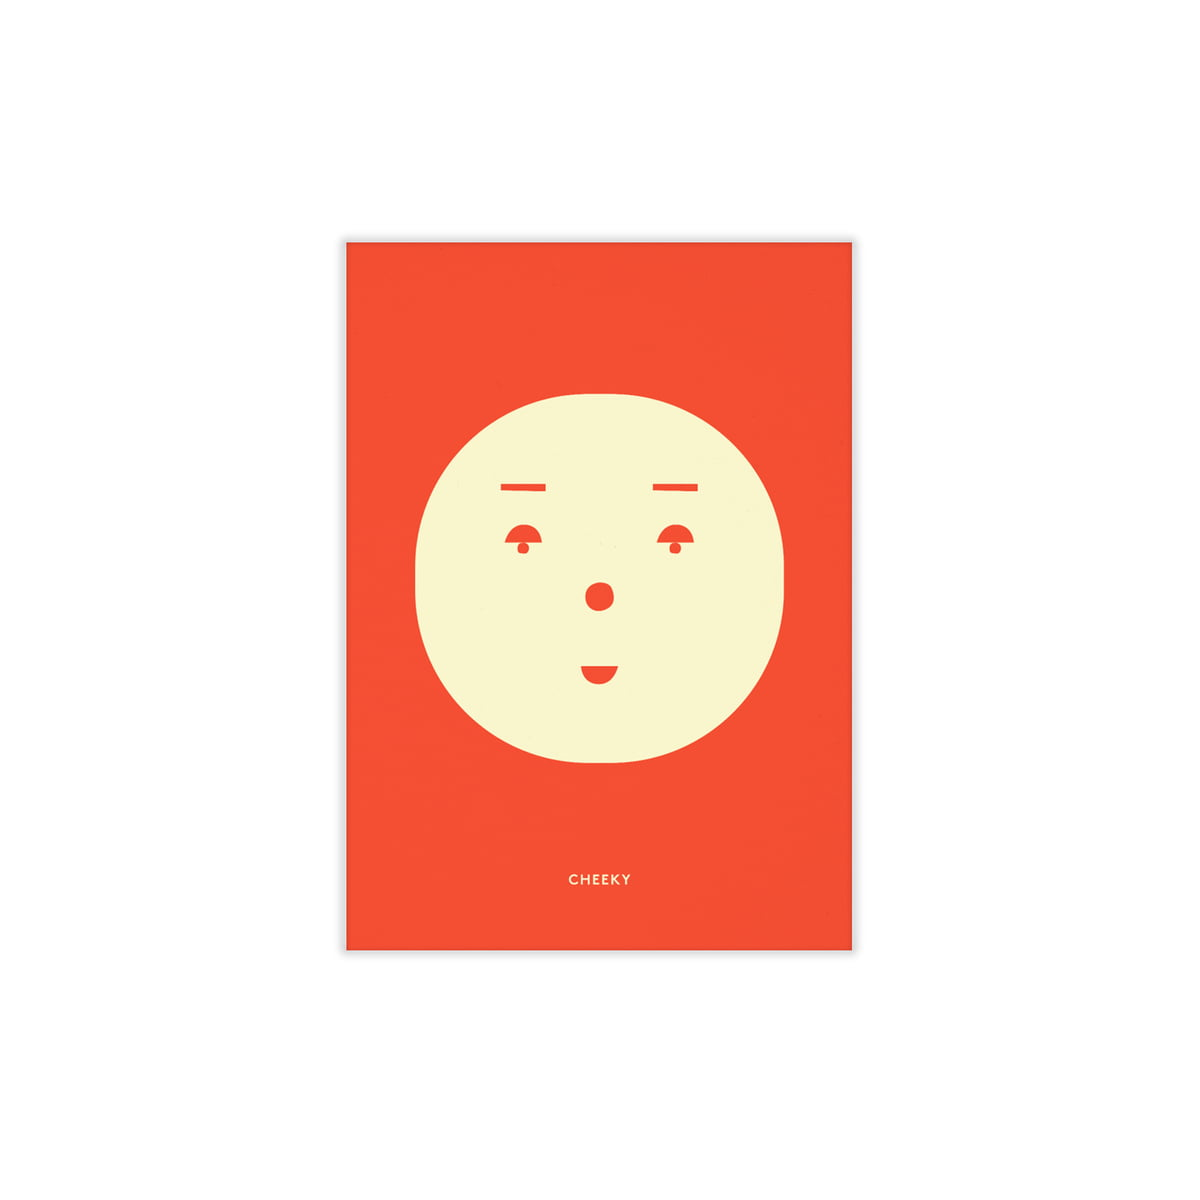 Paper Collective - Cheeky Feeling, 30 x 40 cm | Dekoration > Bilder und Rahmen > Poster | Mehrfarbig | 200g munken lynx naturpapier | Paper Collective